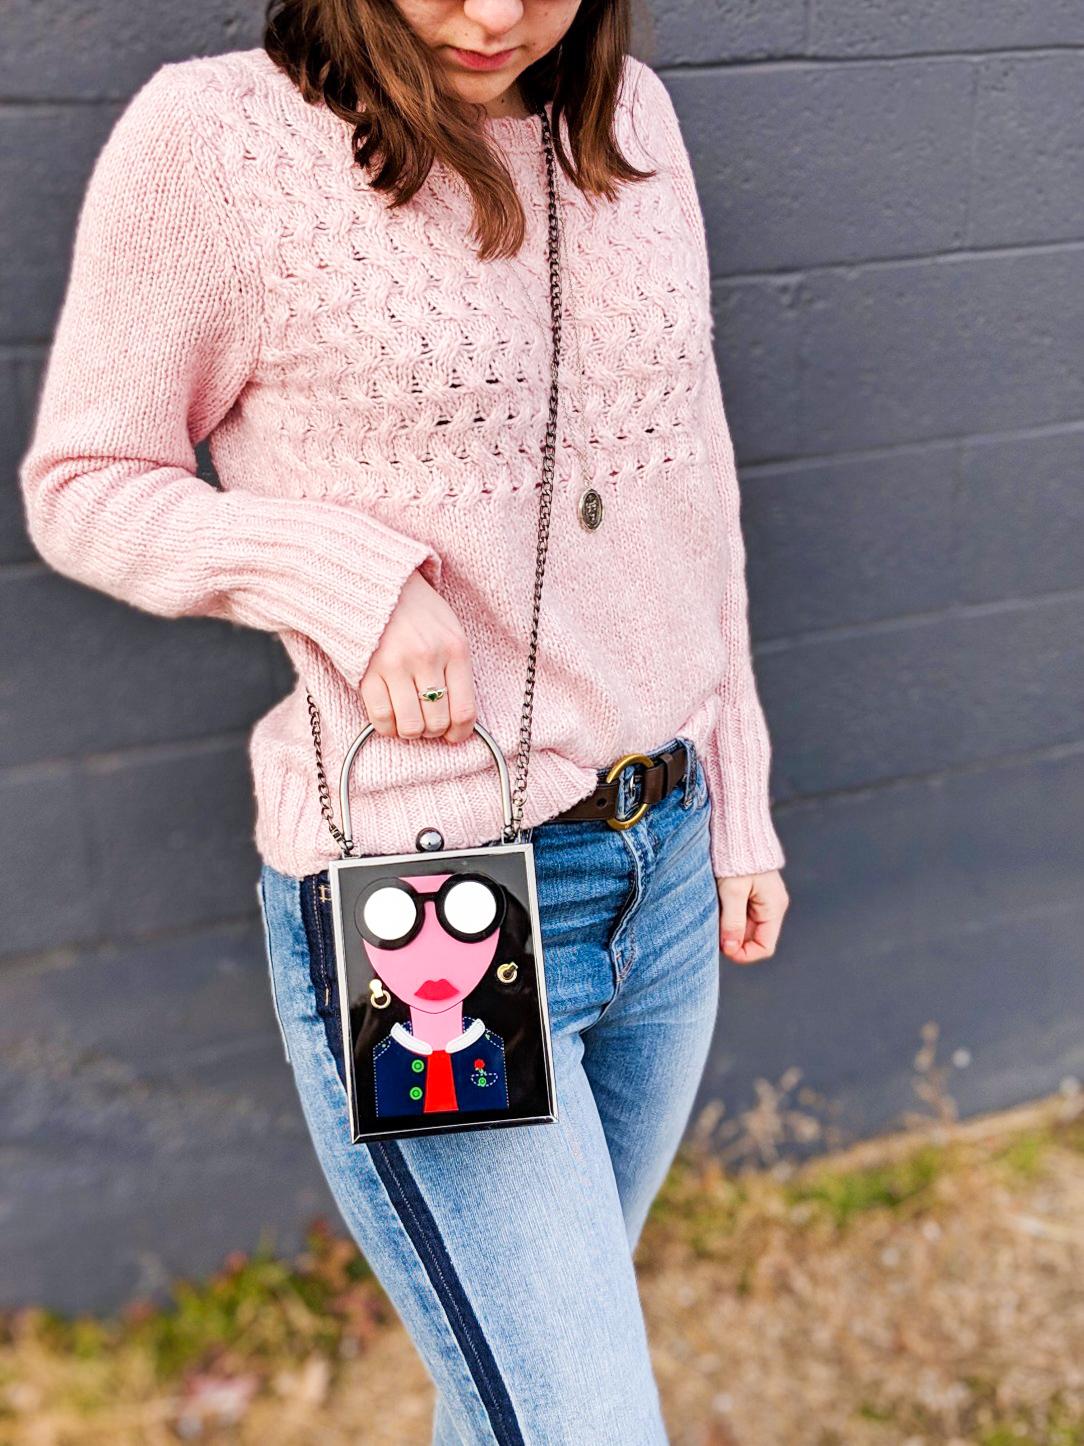 pink sweater, tuxedo stripe jeans, brown belt, art deco purse, street style